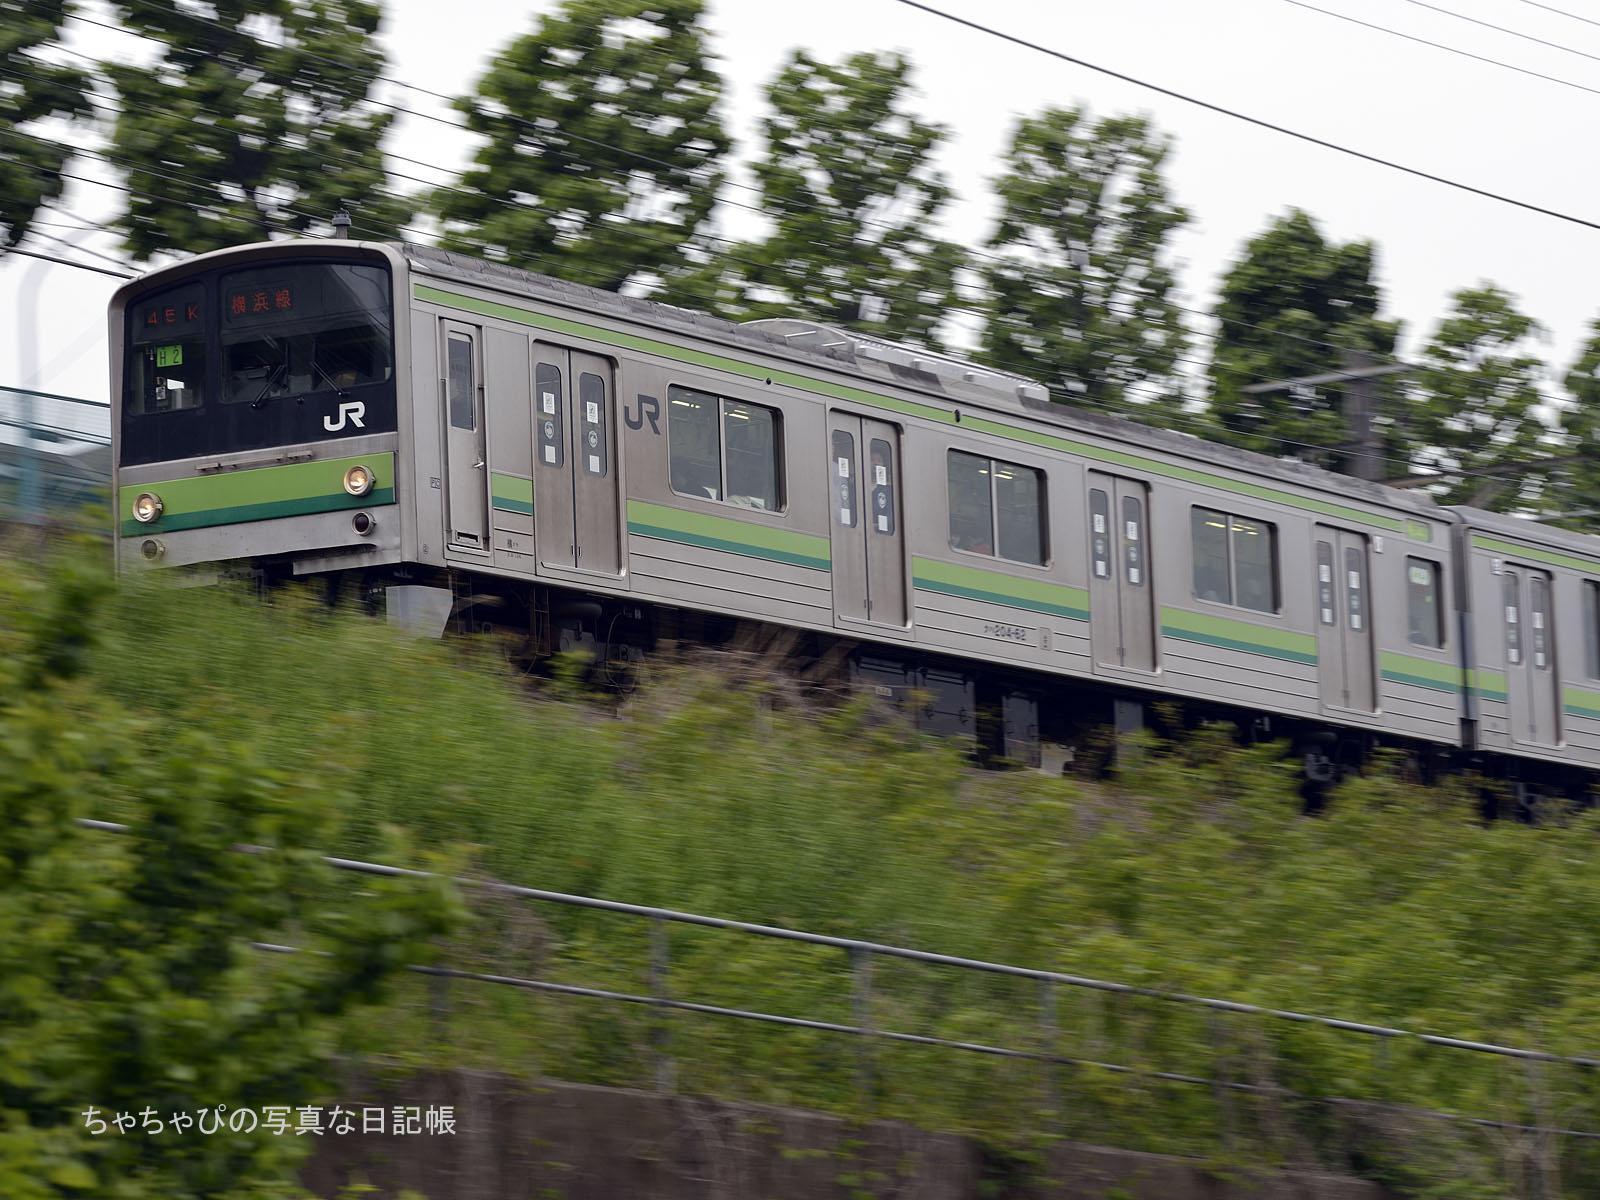 横浜線205系 H2編成